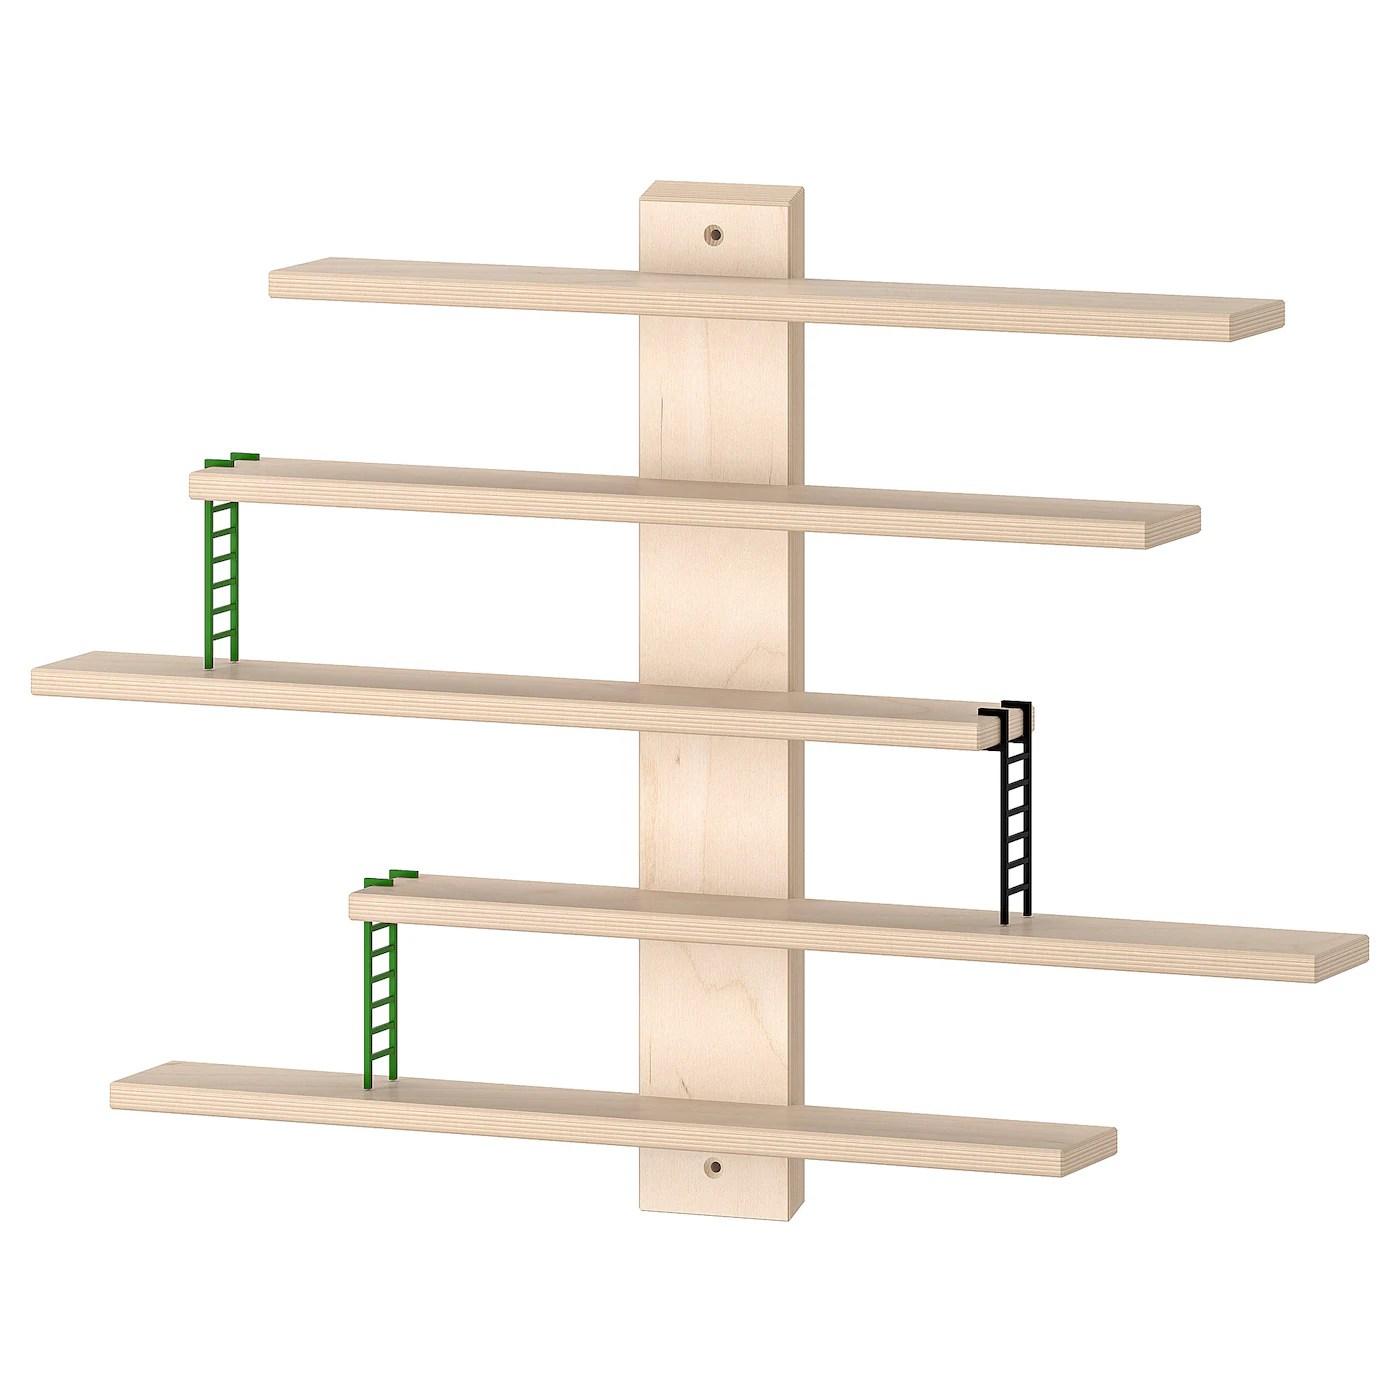 Toy Shelf 3d Models To Print Yeggi